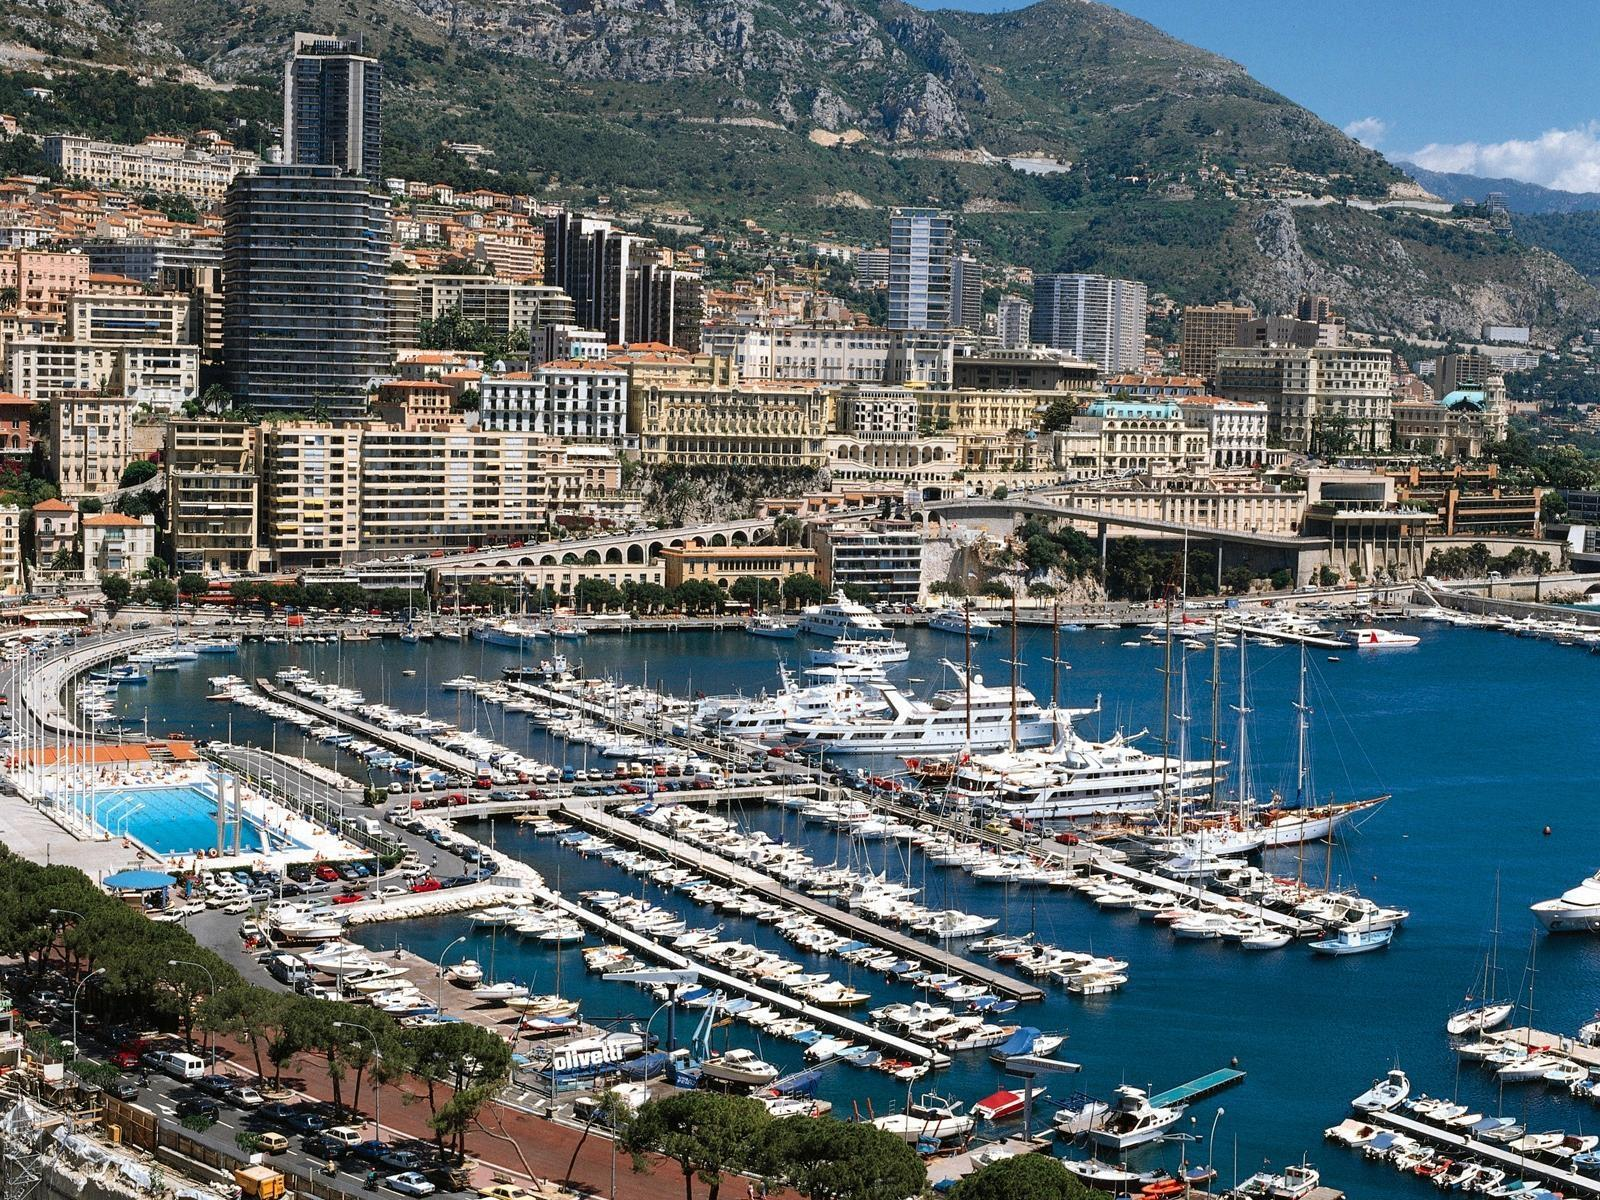 Монако: Монако